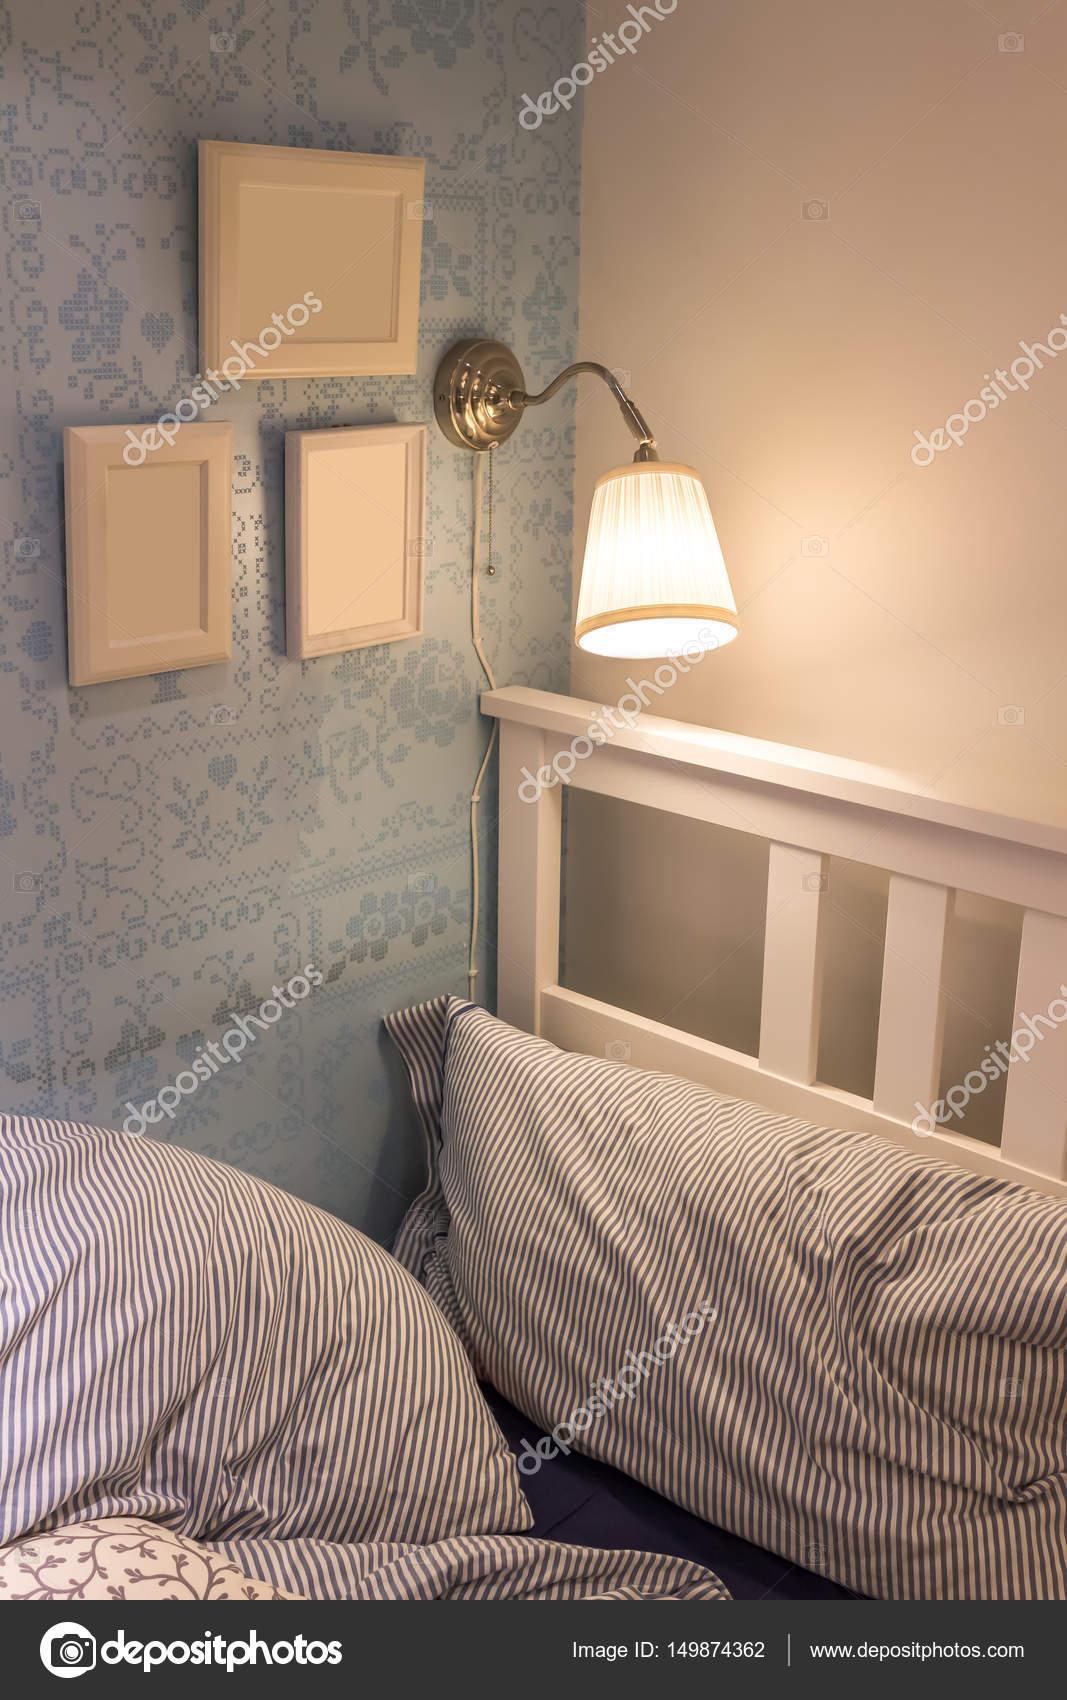 muur lamp boven bed gezellige slaapkamer stockfoto